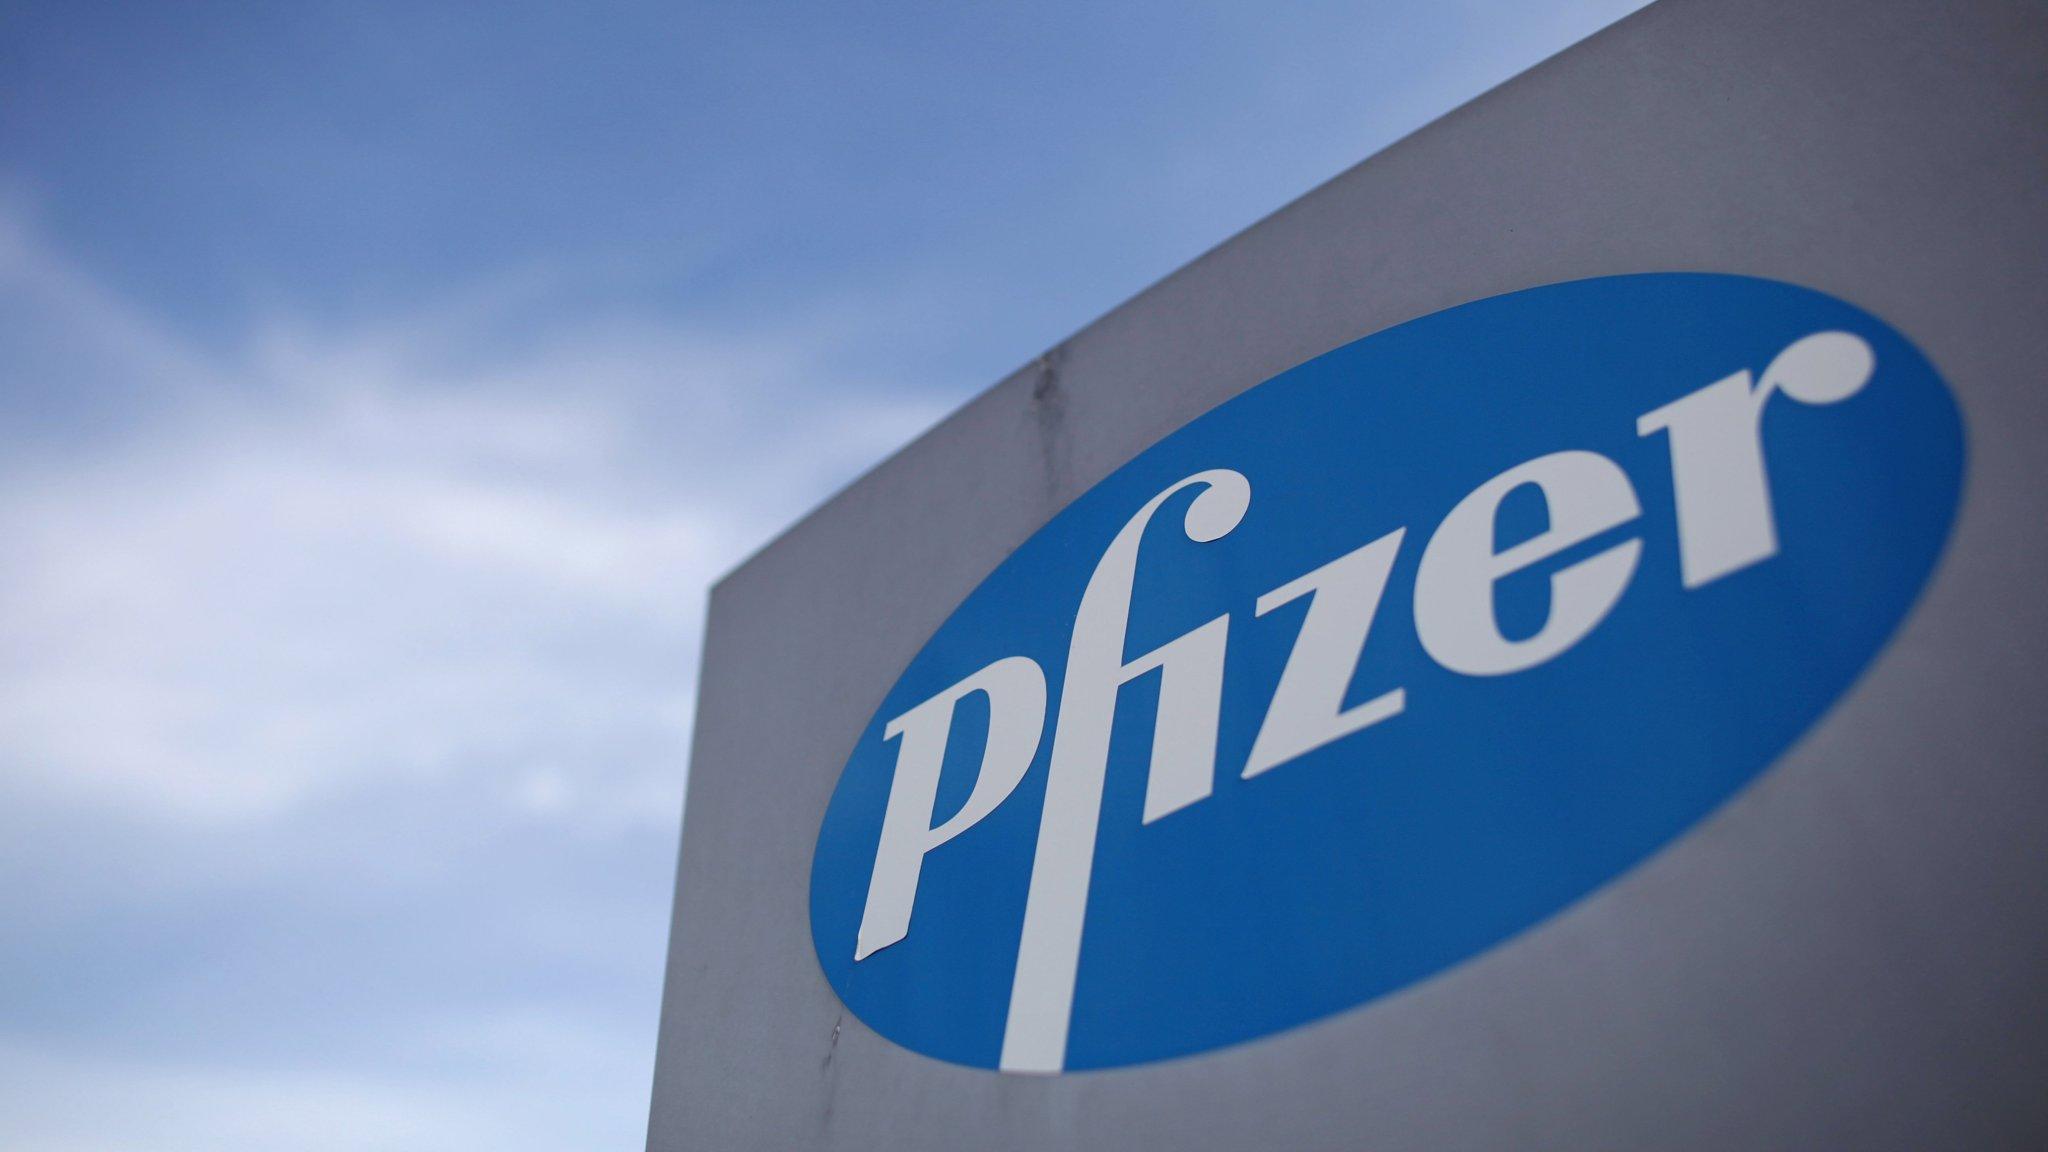 Pfizer wins appeal against £84m UK fine over epilepsy drug price